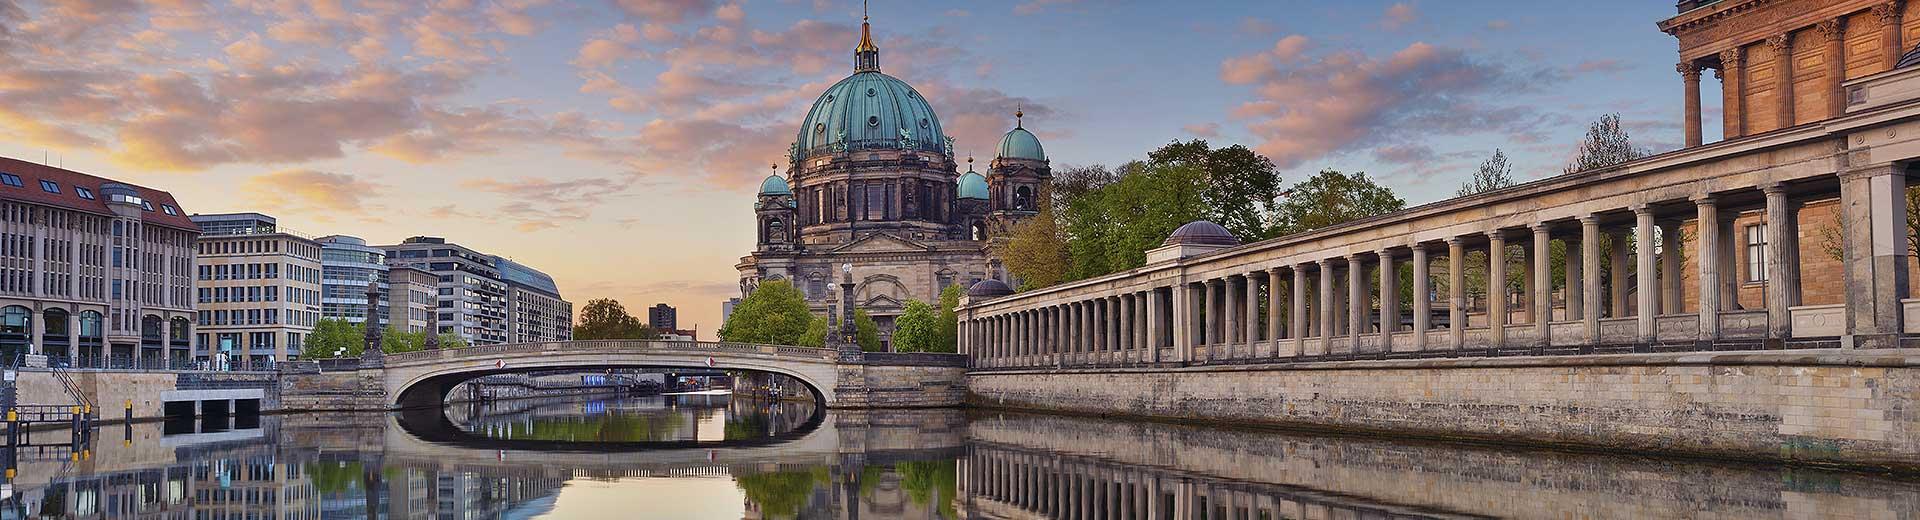 Voyages en groupe Berlin - offre Economique train